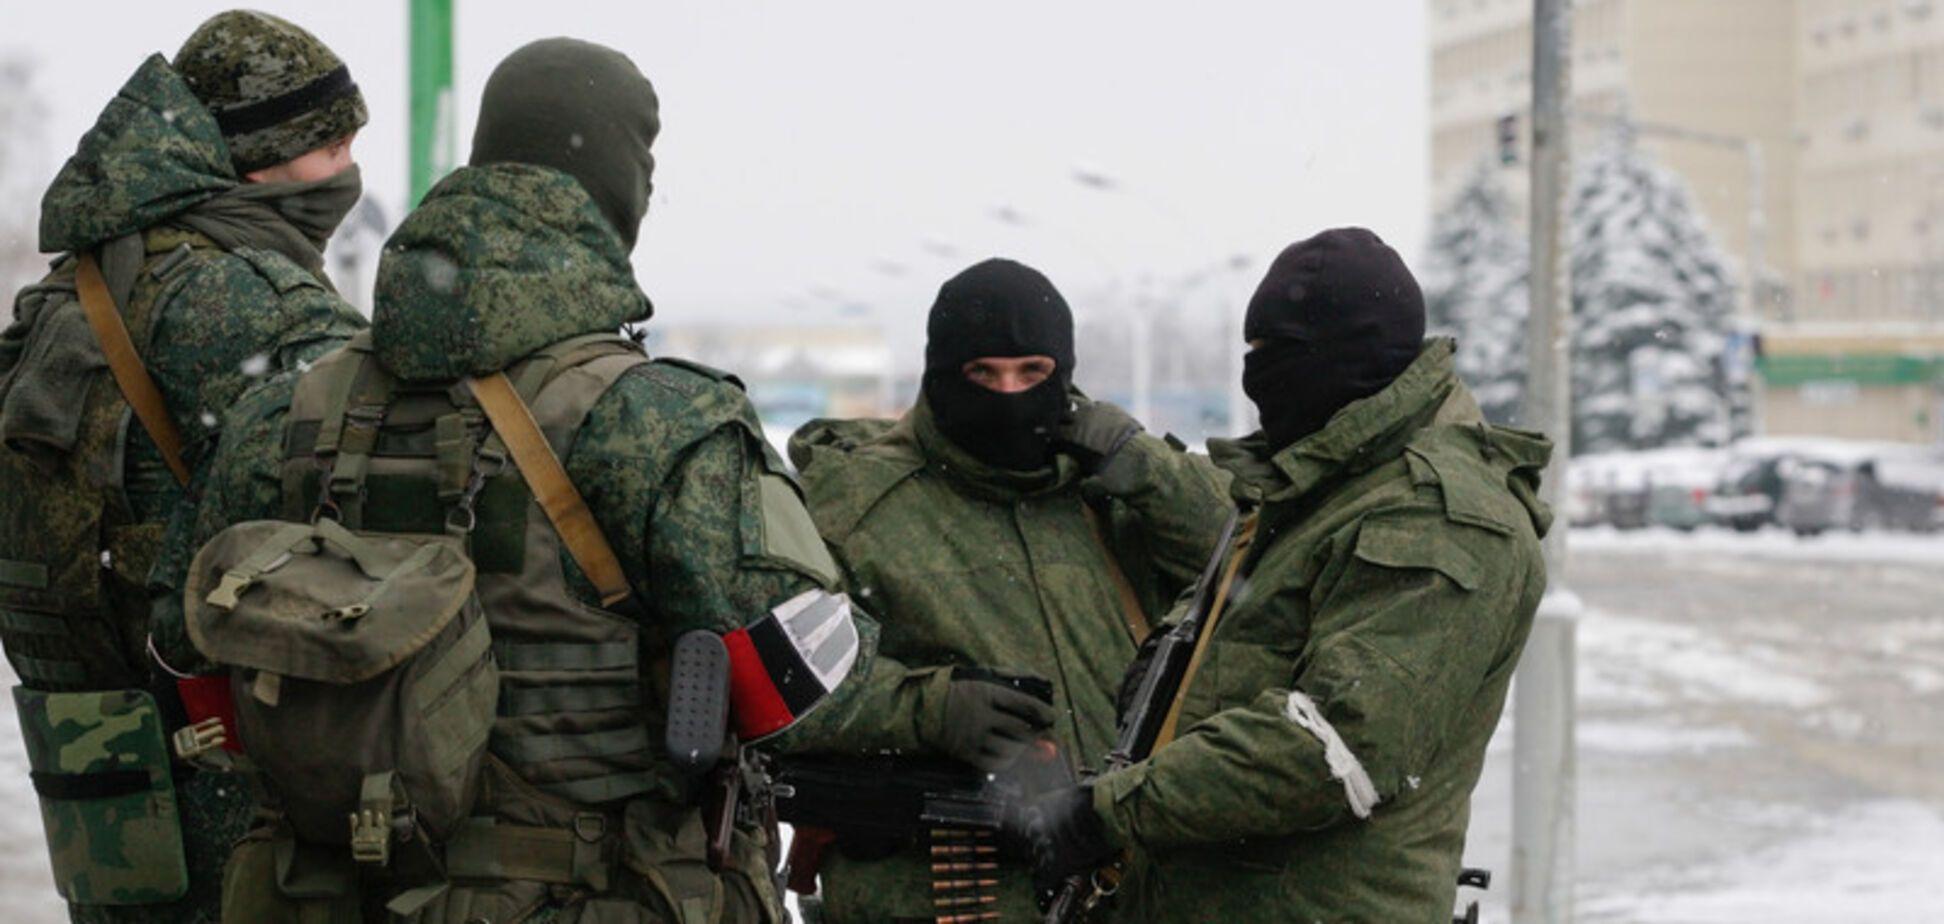 Задовго до наступу: стало відомо, коли Росія почала підготовку війни в Україні